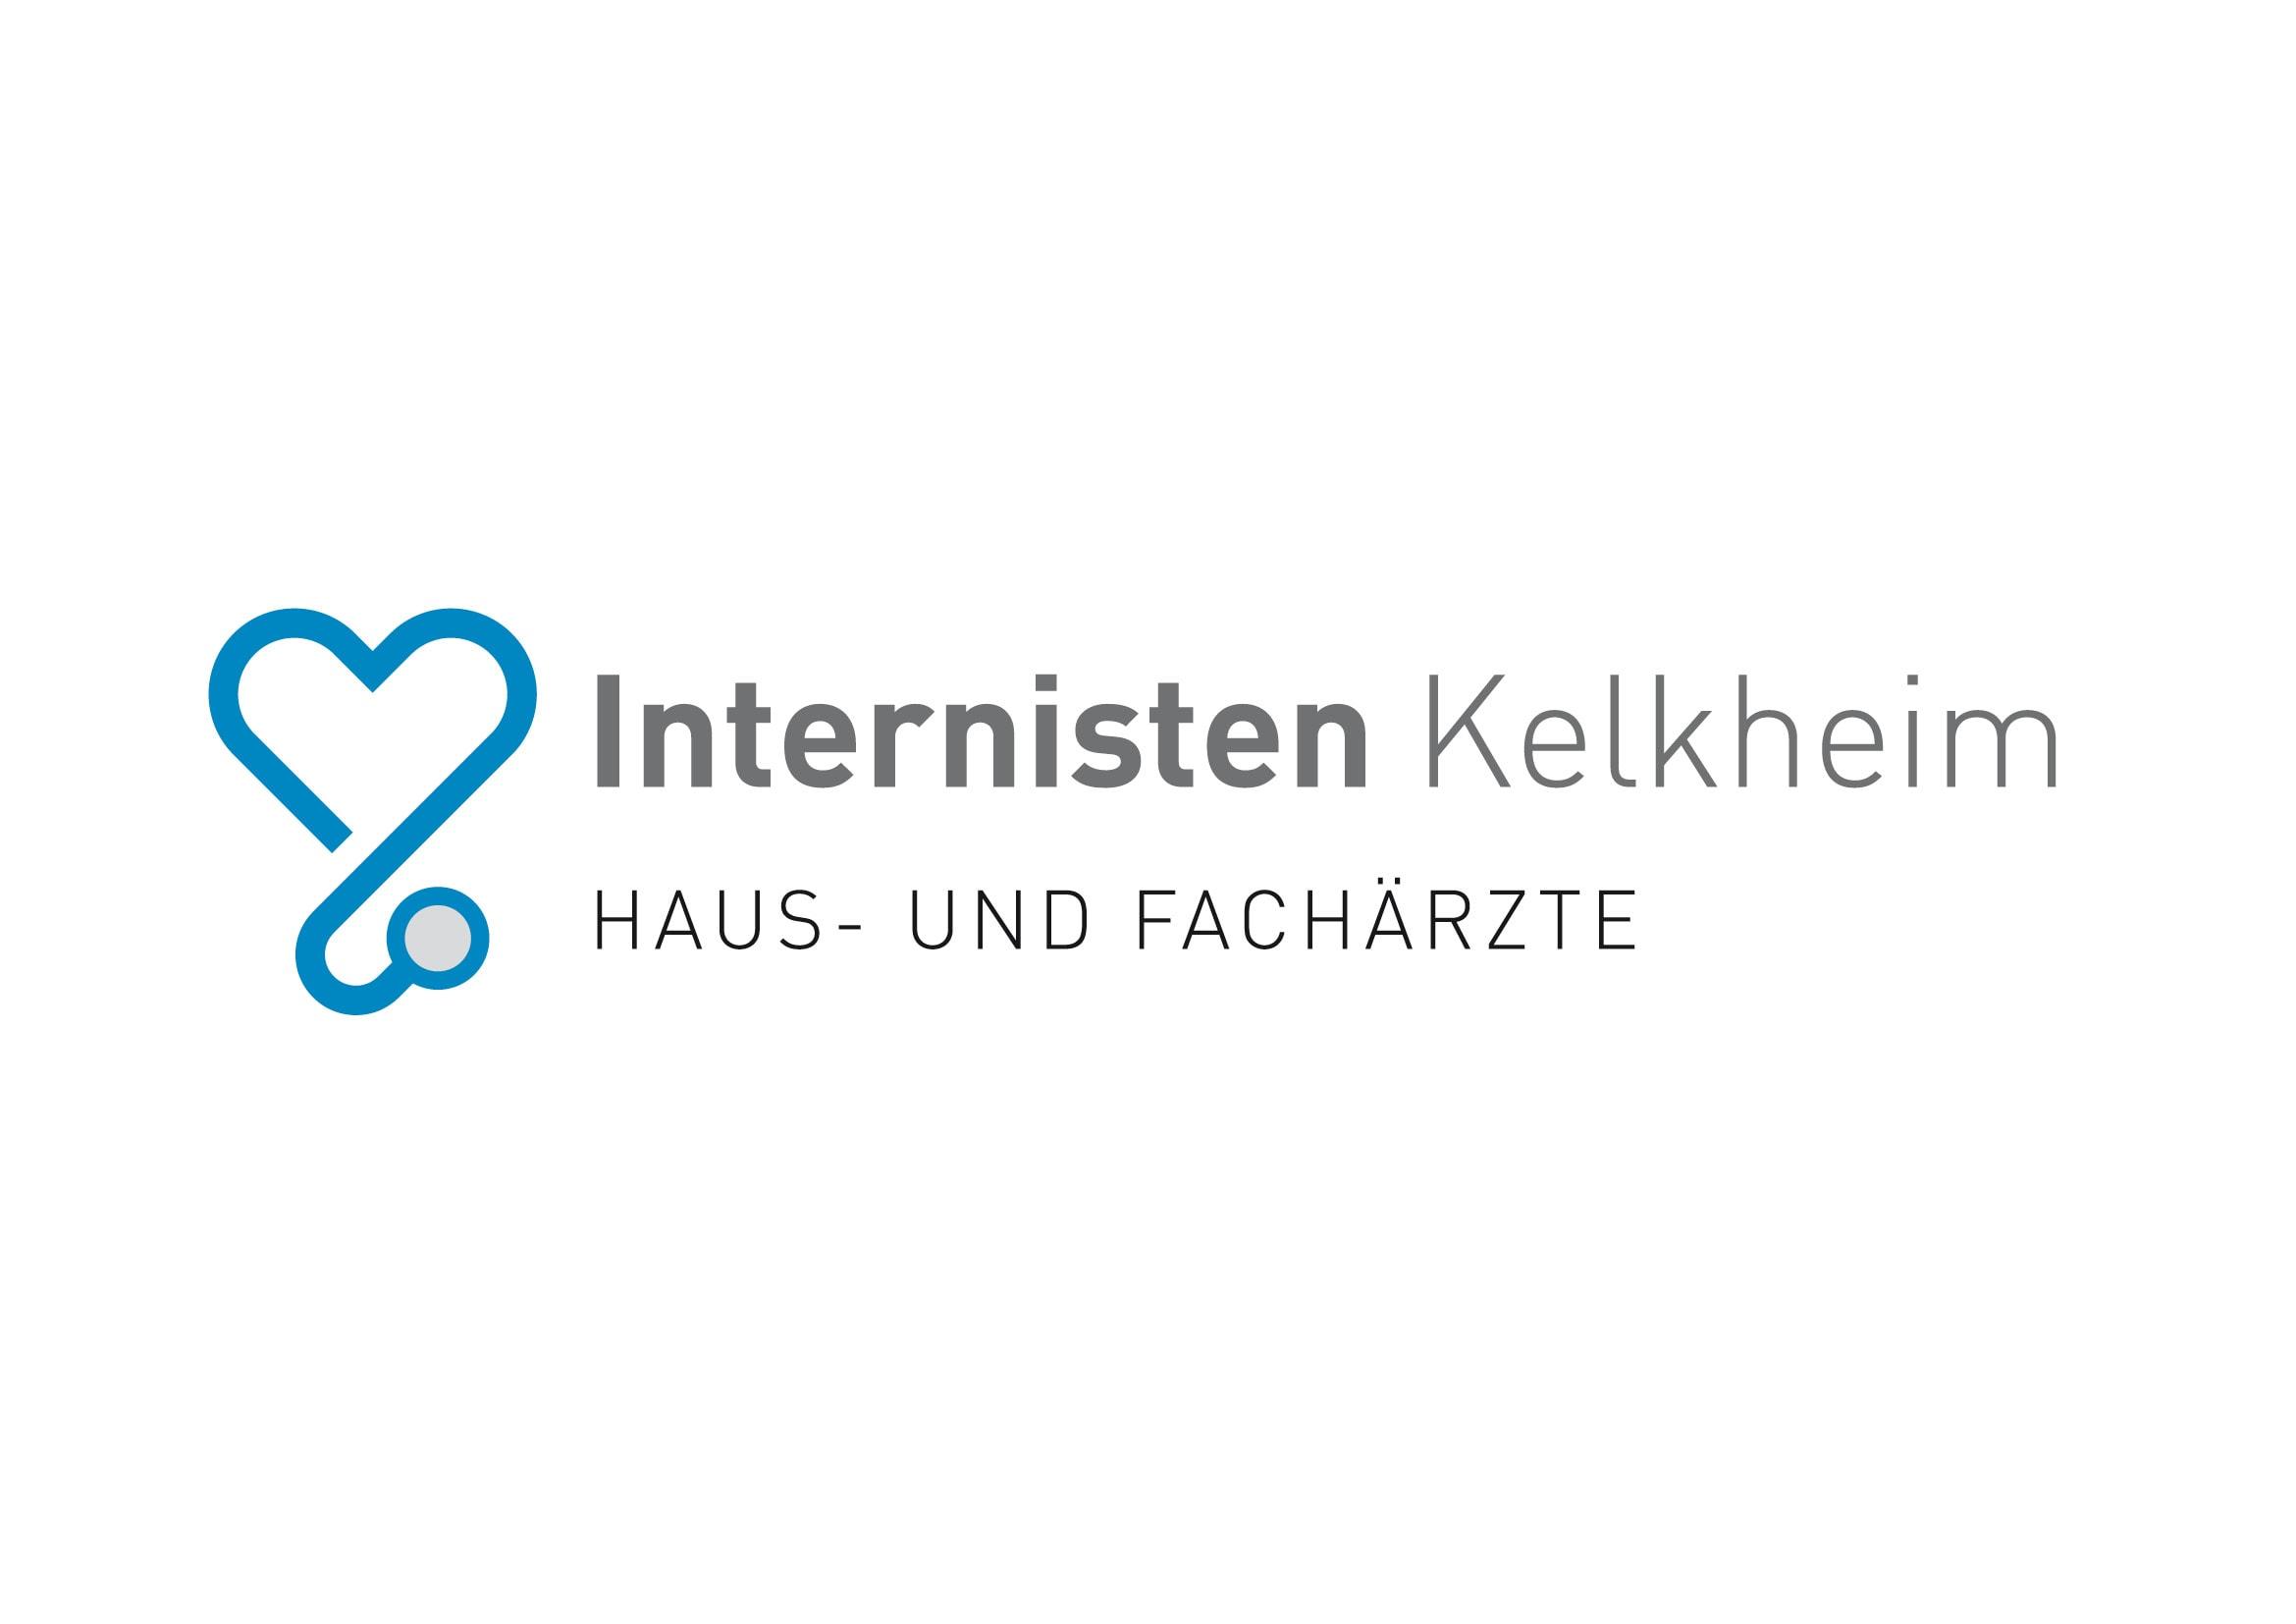 Logo Entwicklung für Internisten Praxis durch Ronald Wissler | Visuelle Kommunikation